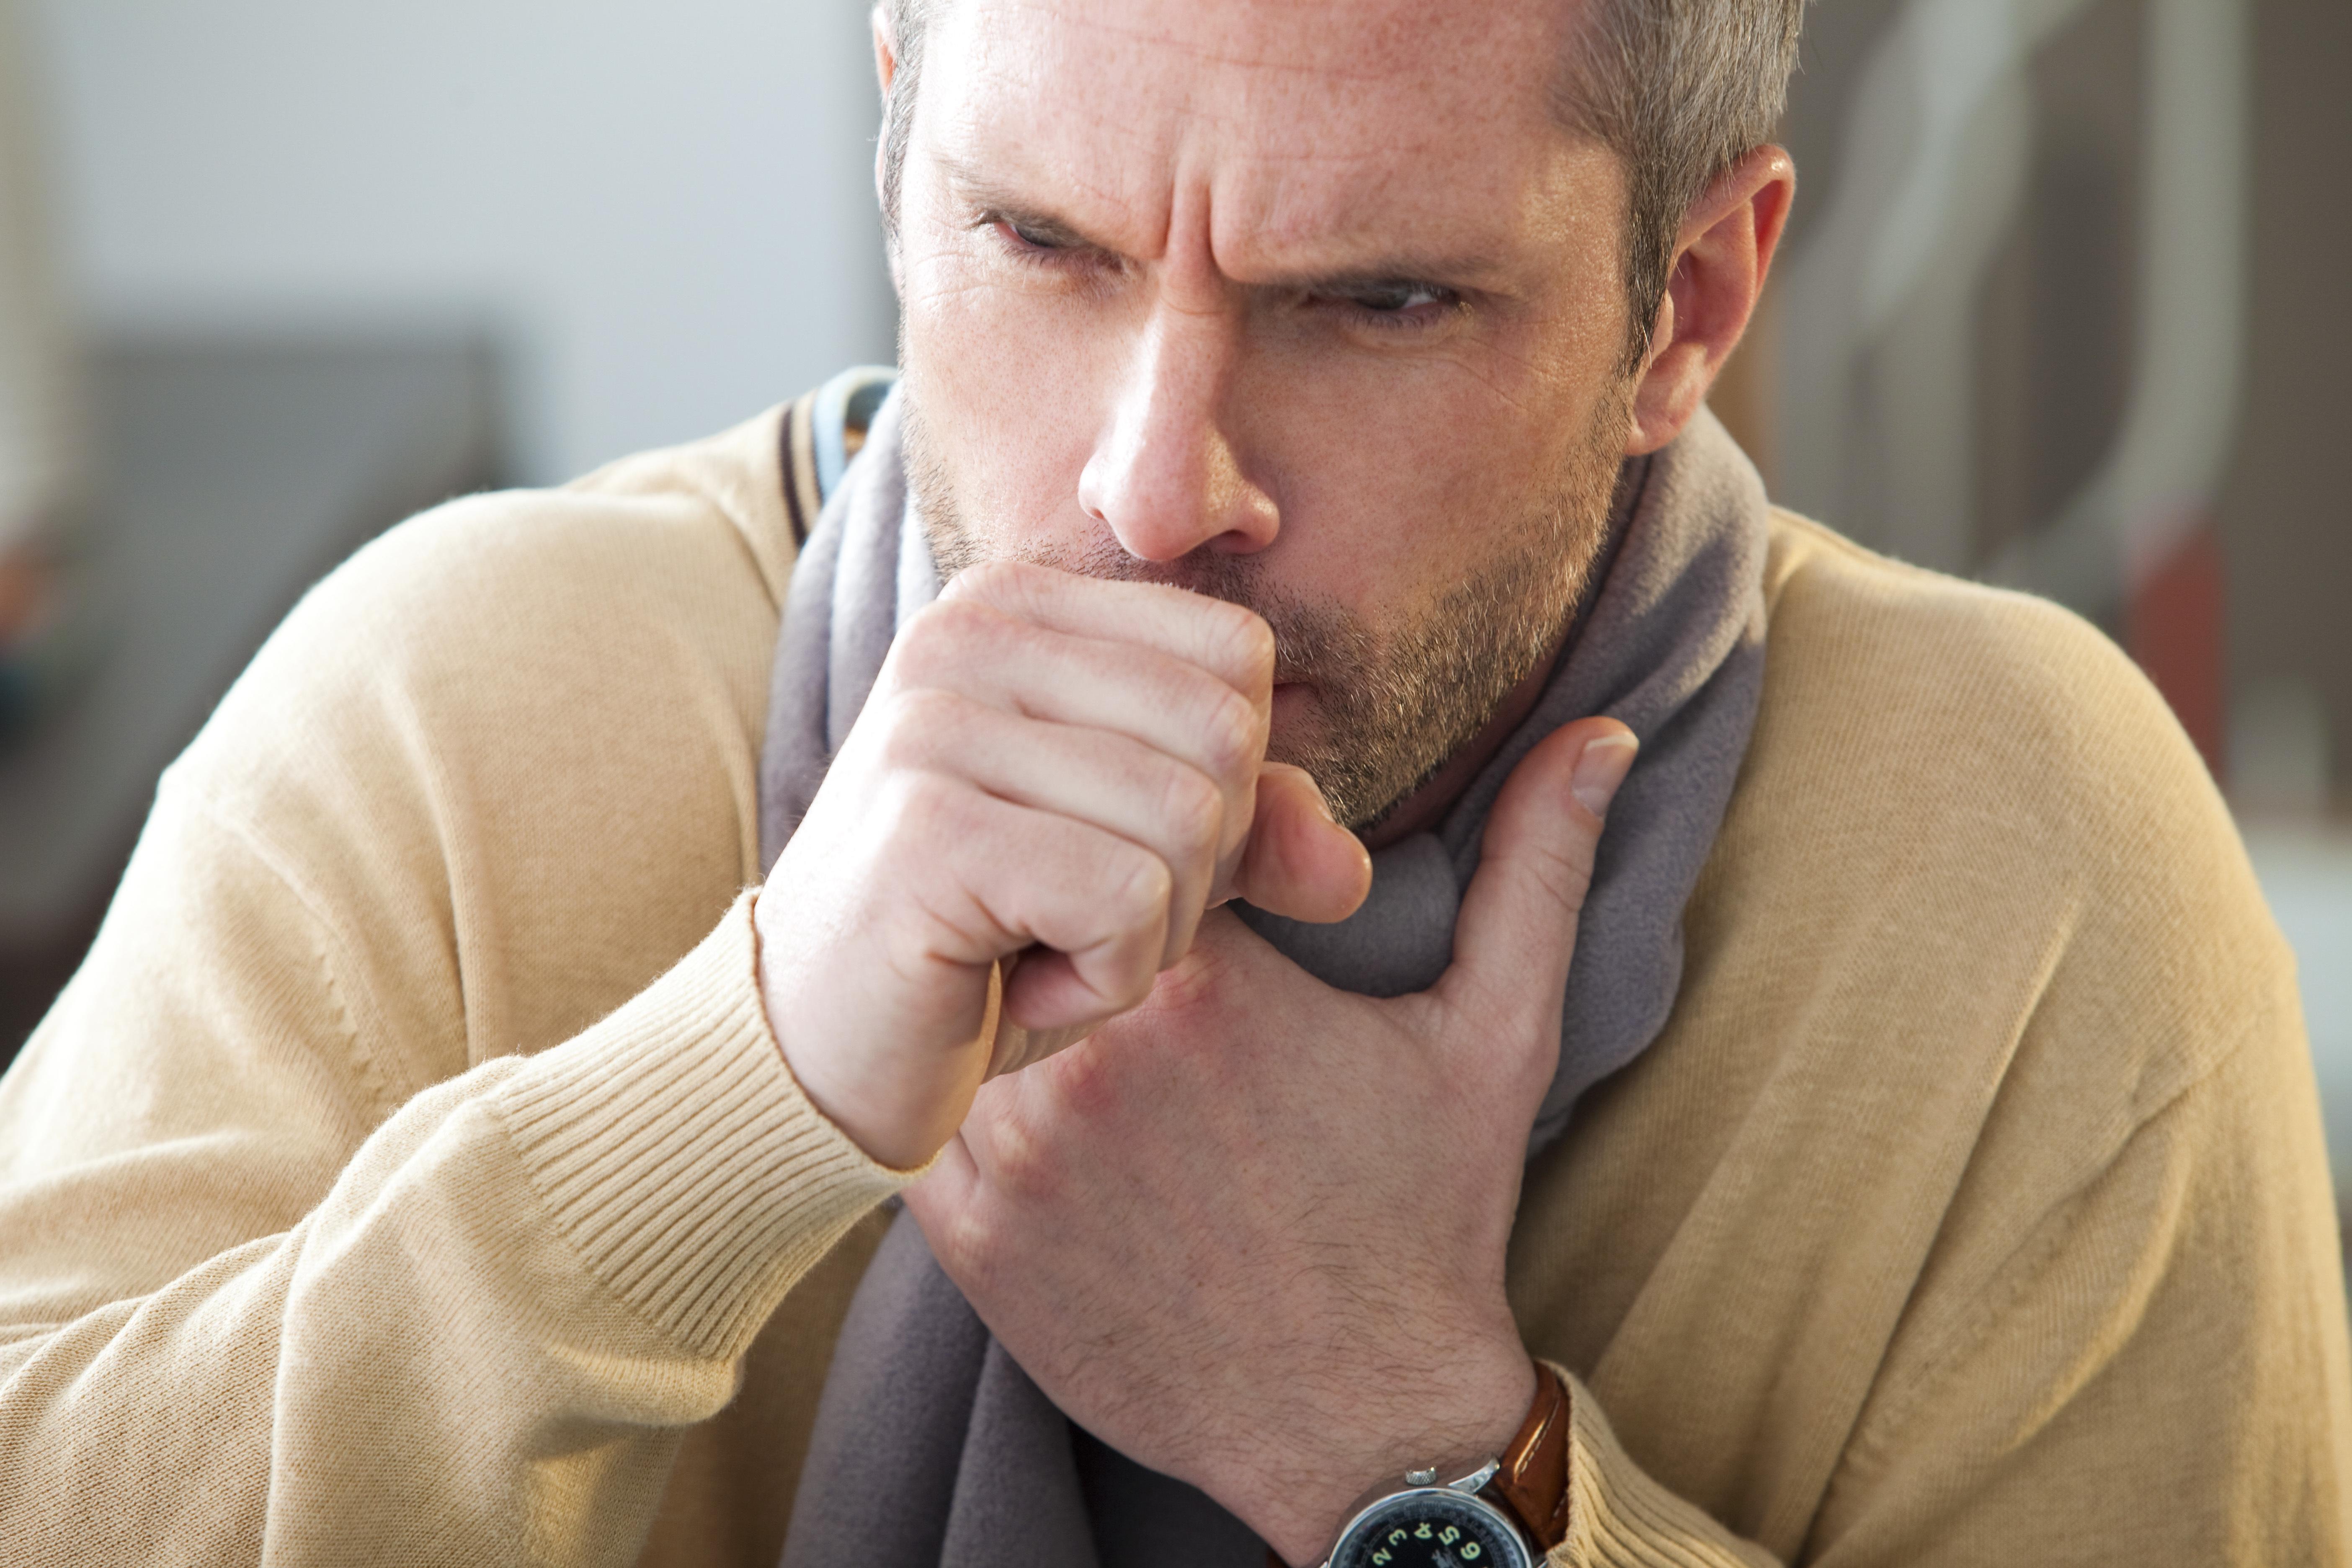 Tosse: Sintomas, Causas e Remédios Caseiros